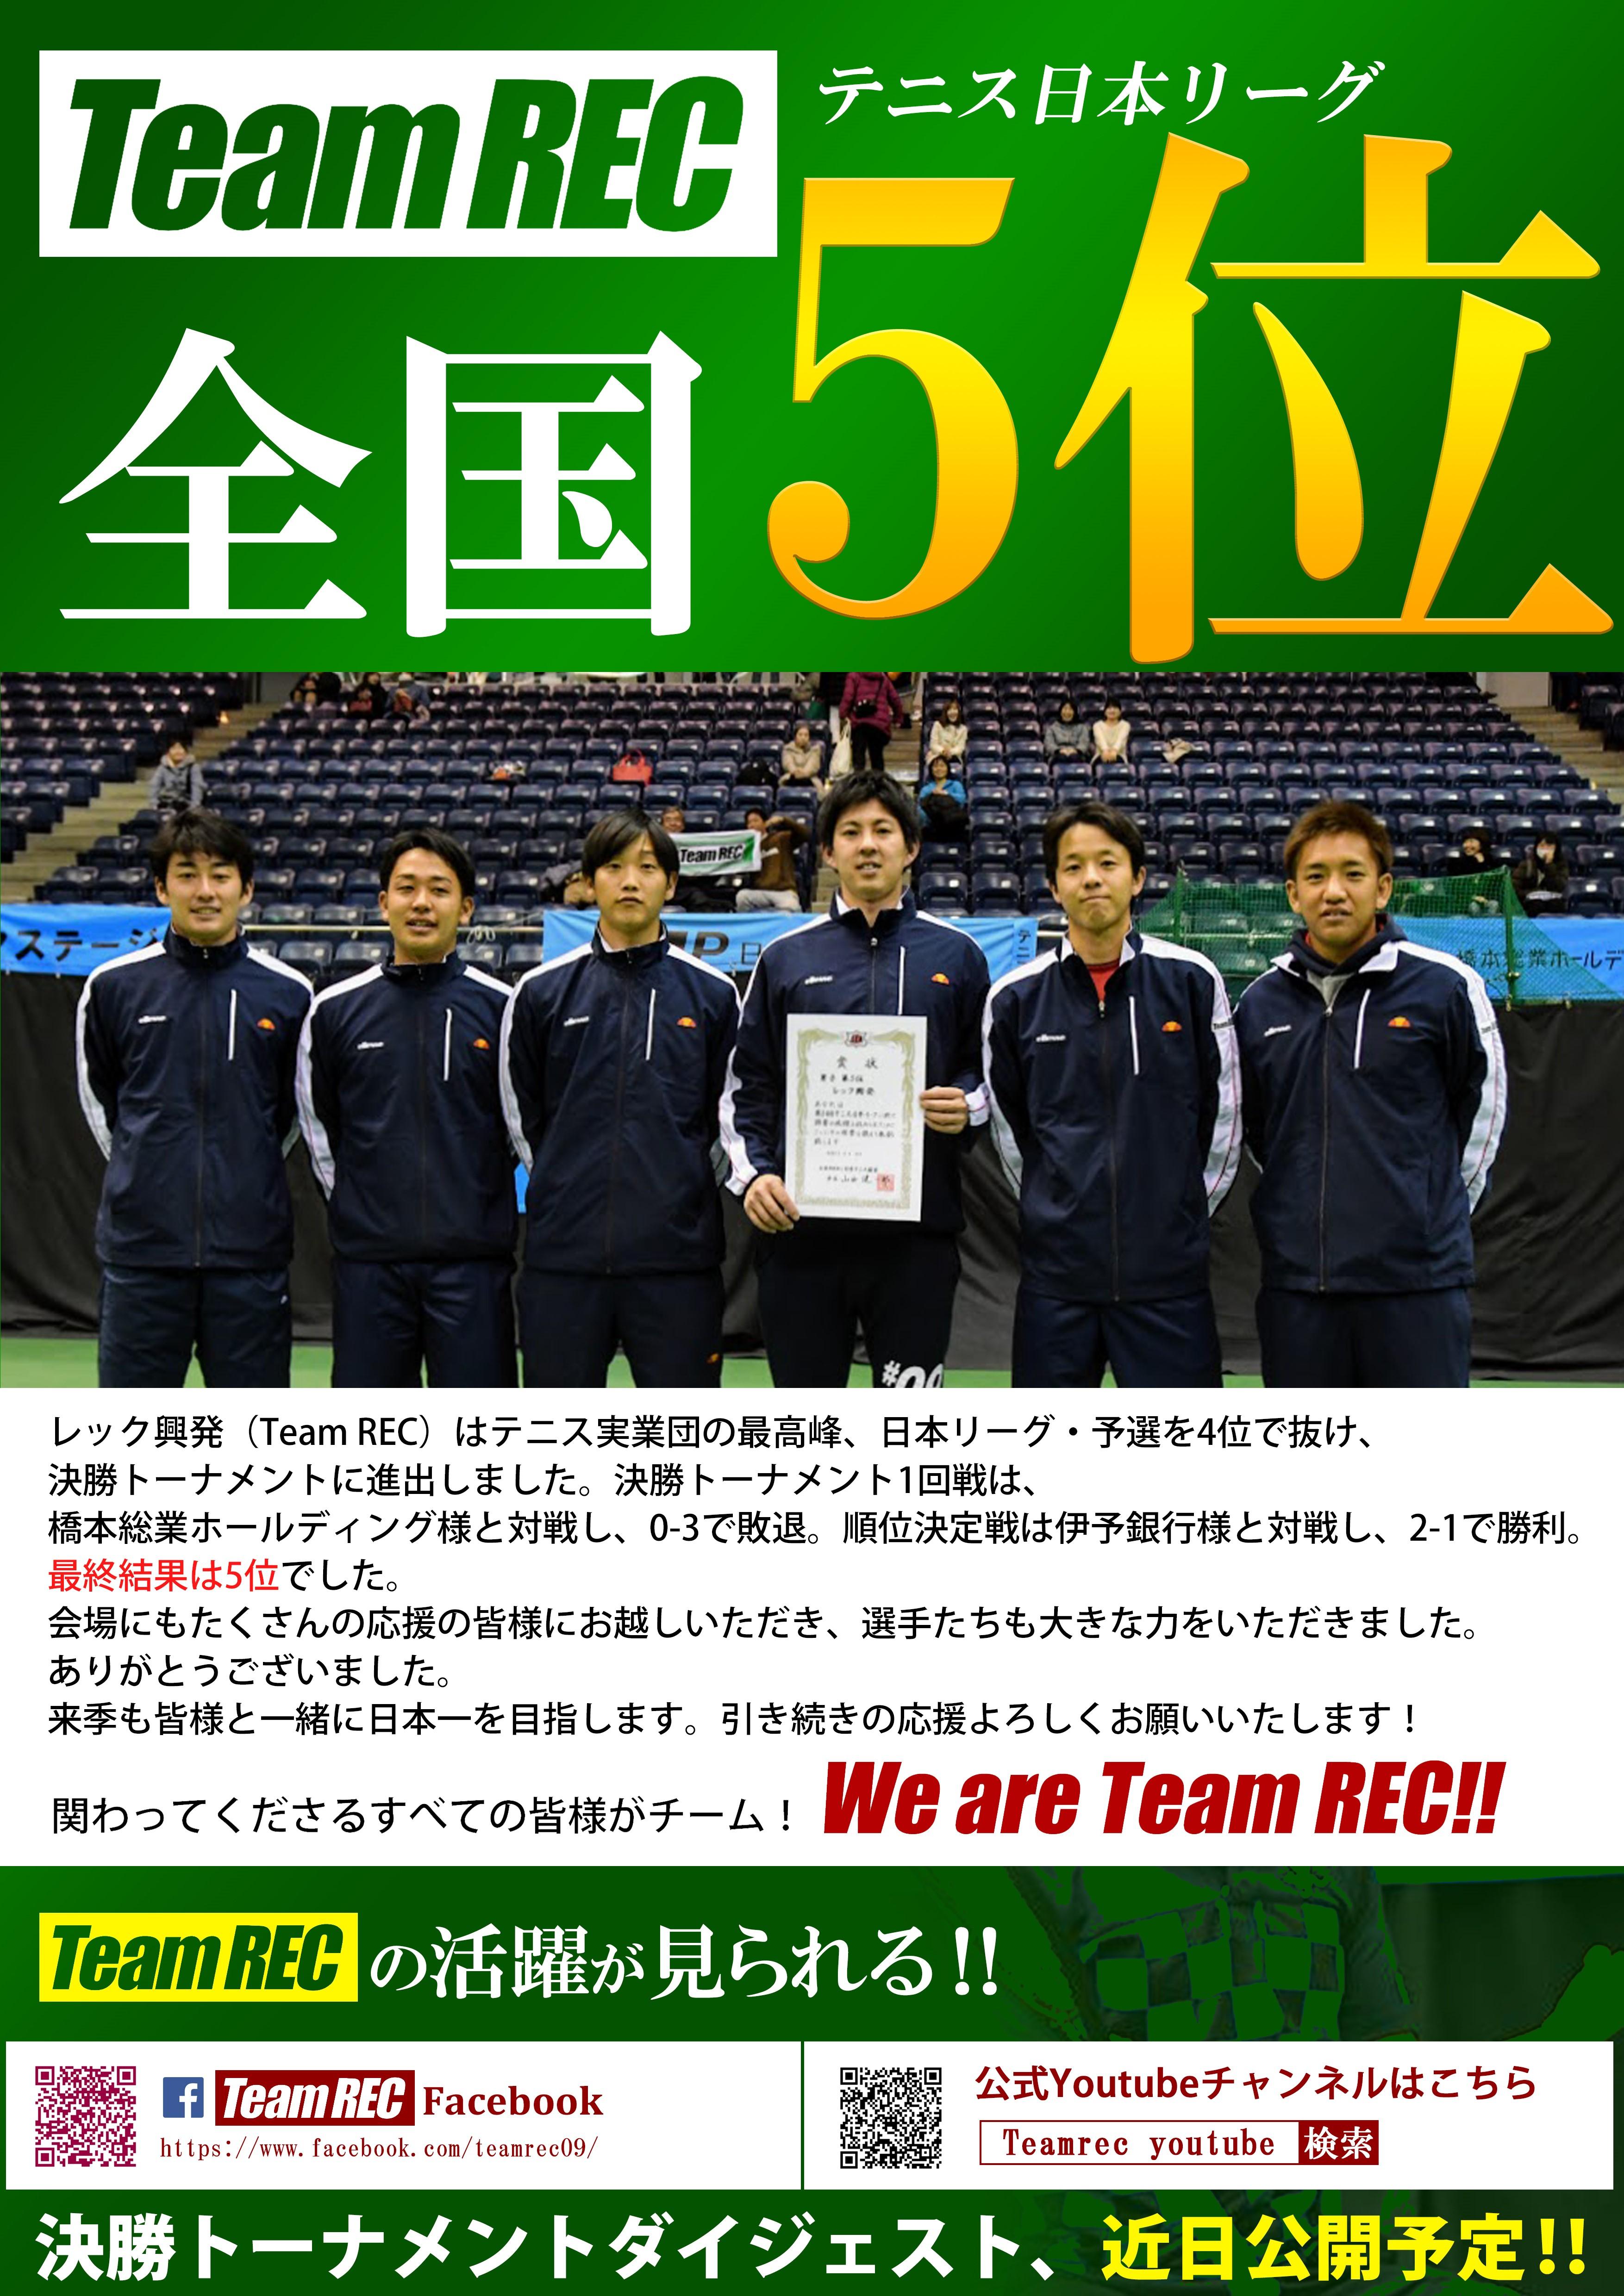 Team REC